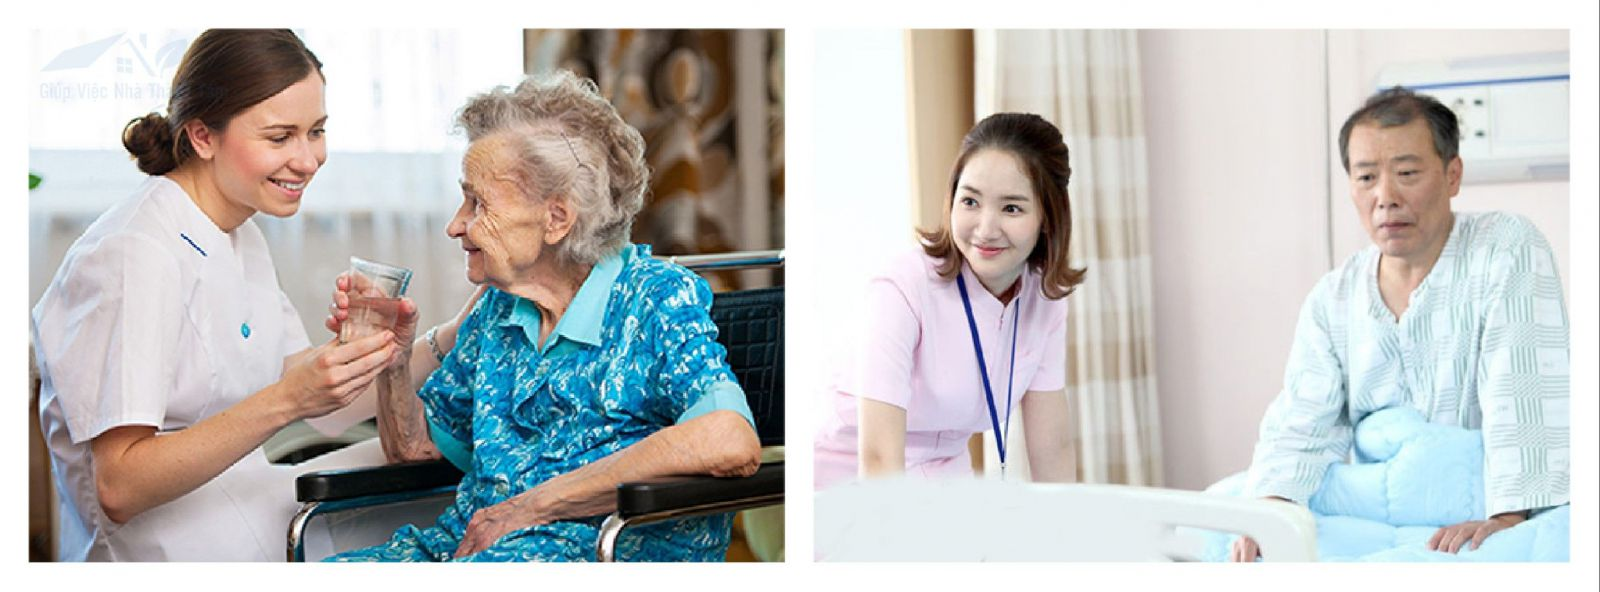 Giúp việc chăm sóc người già, người bệnh tại quận 6